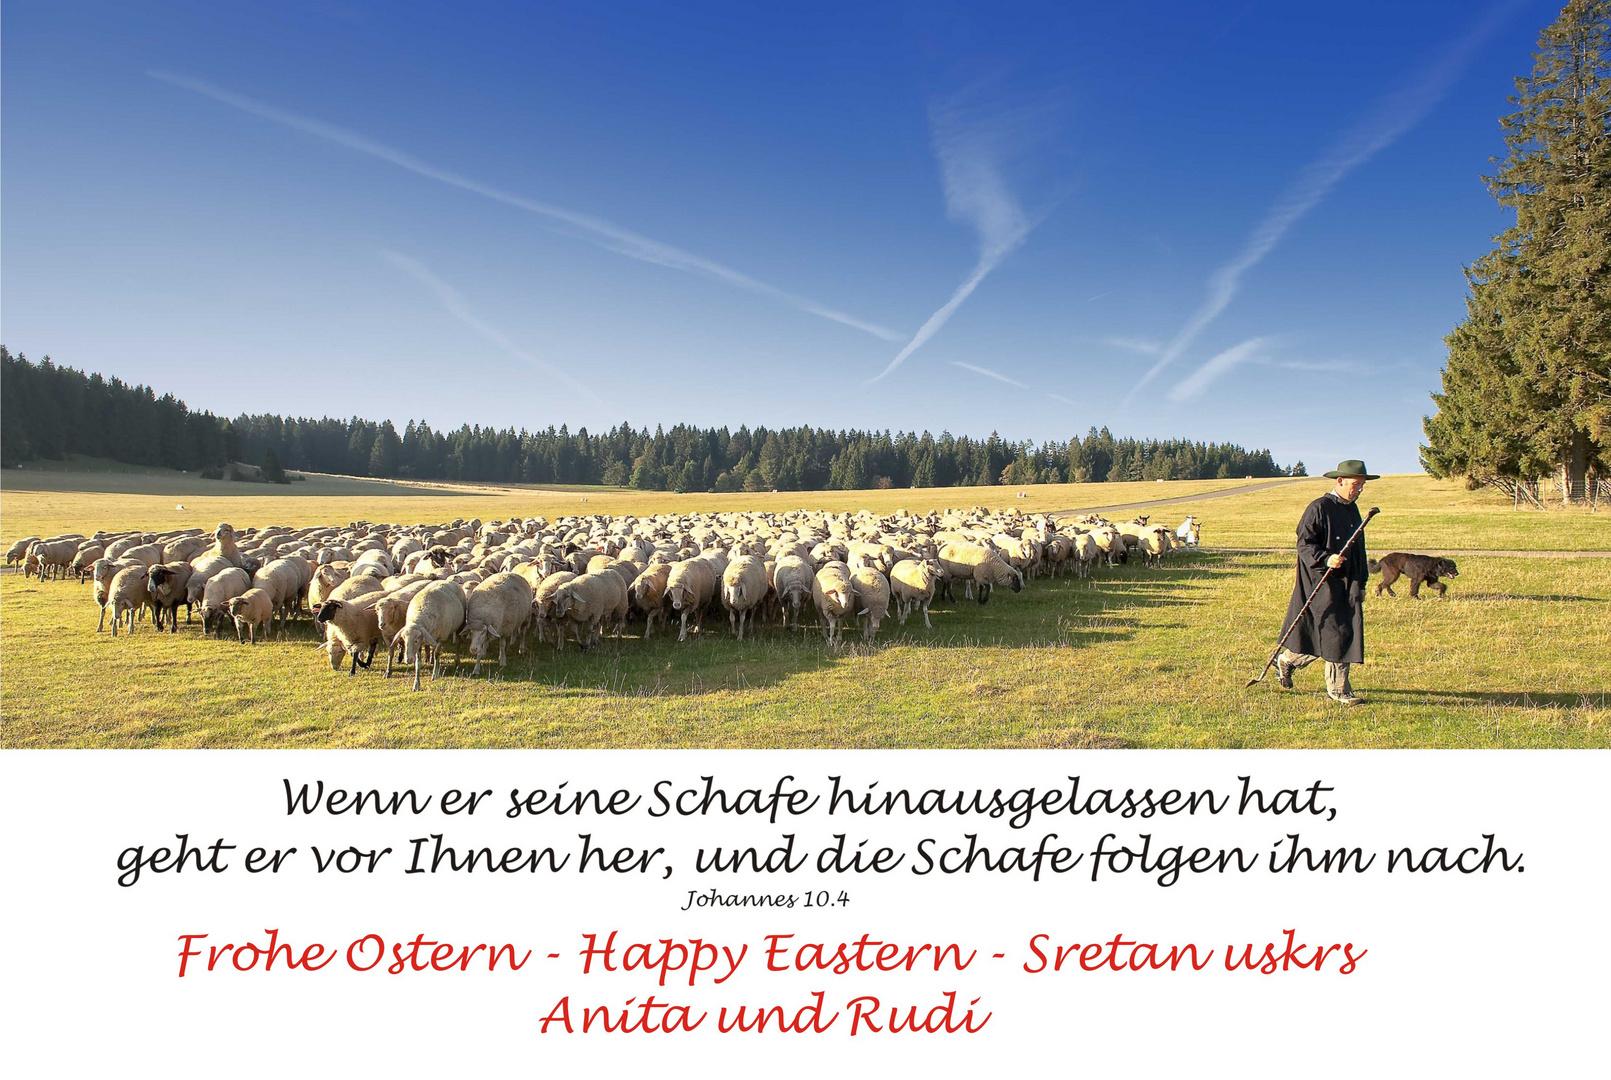 Frohe Ostern - allen Mitgliedern der fc